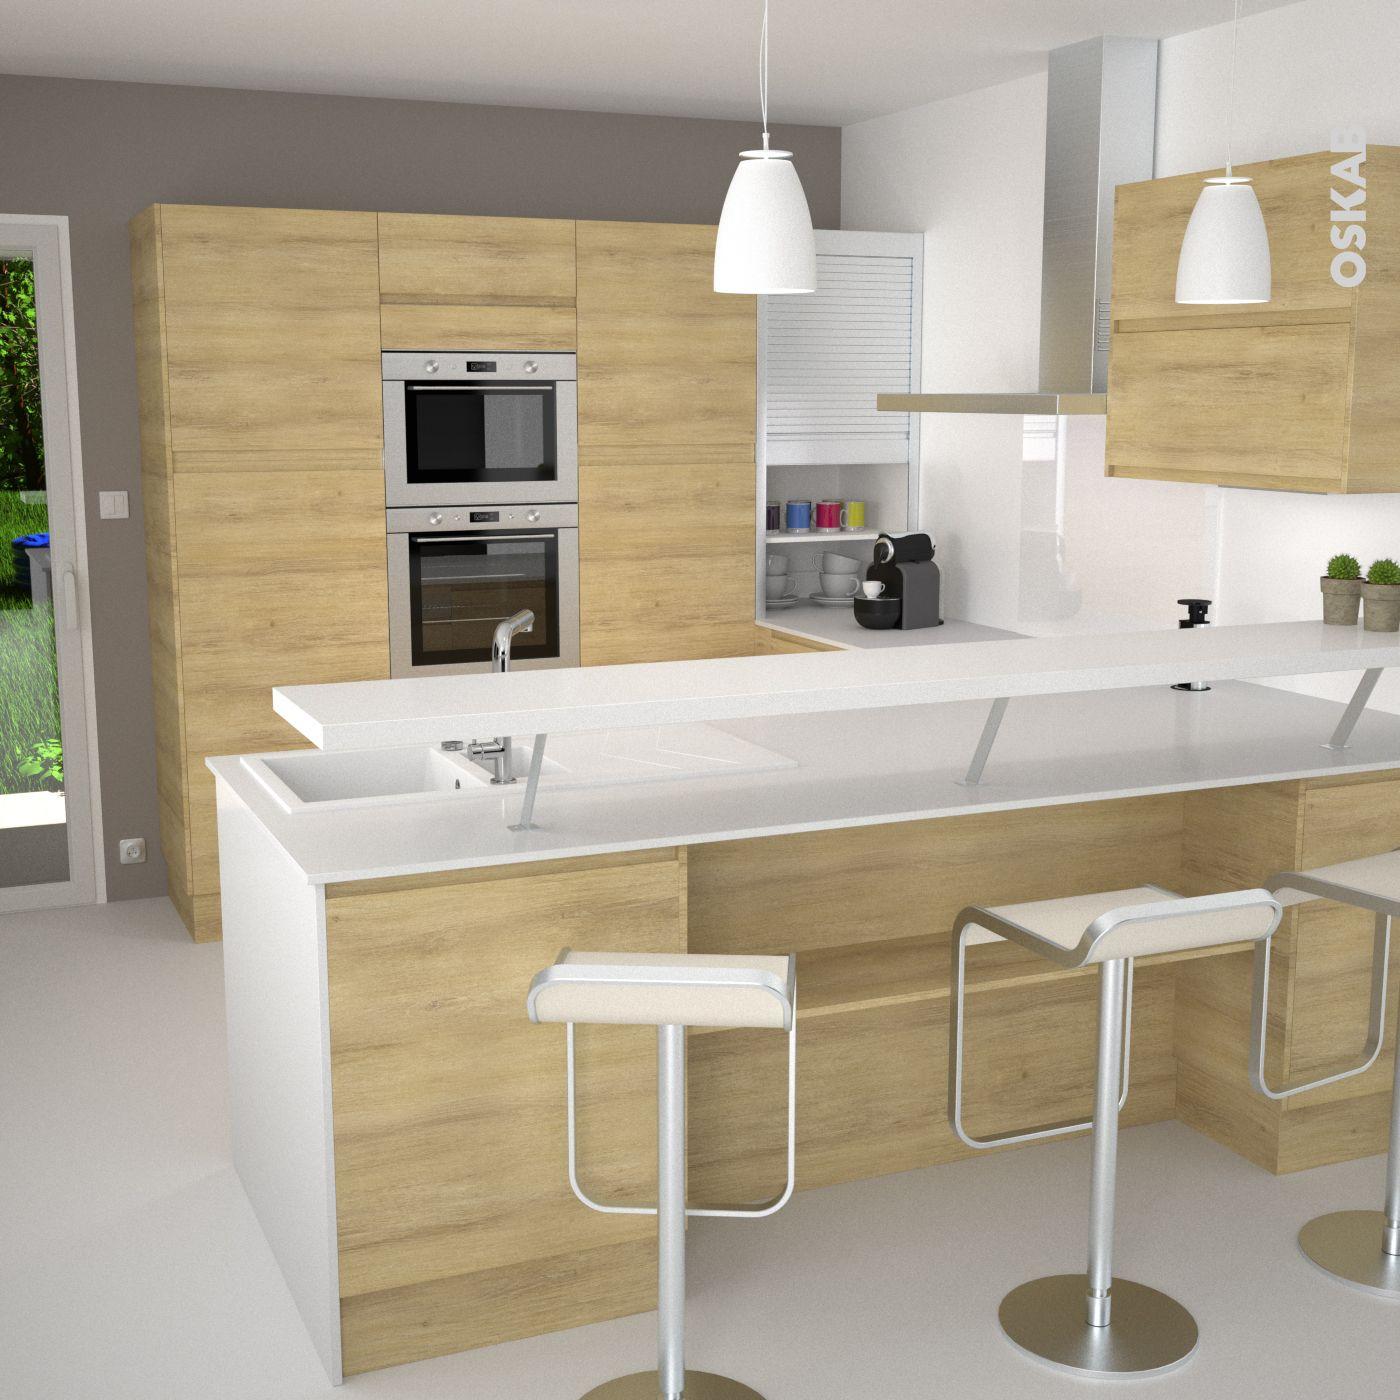 Cuisine nordique blanche et bois pur e mod le design for Cuisine blanche et bois